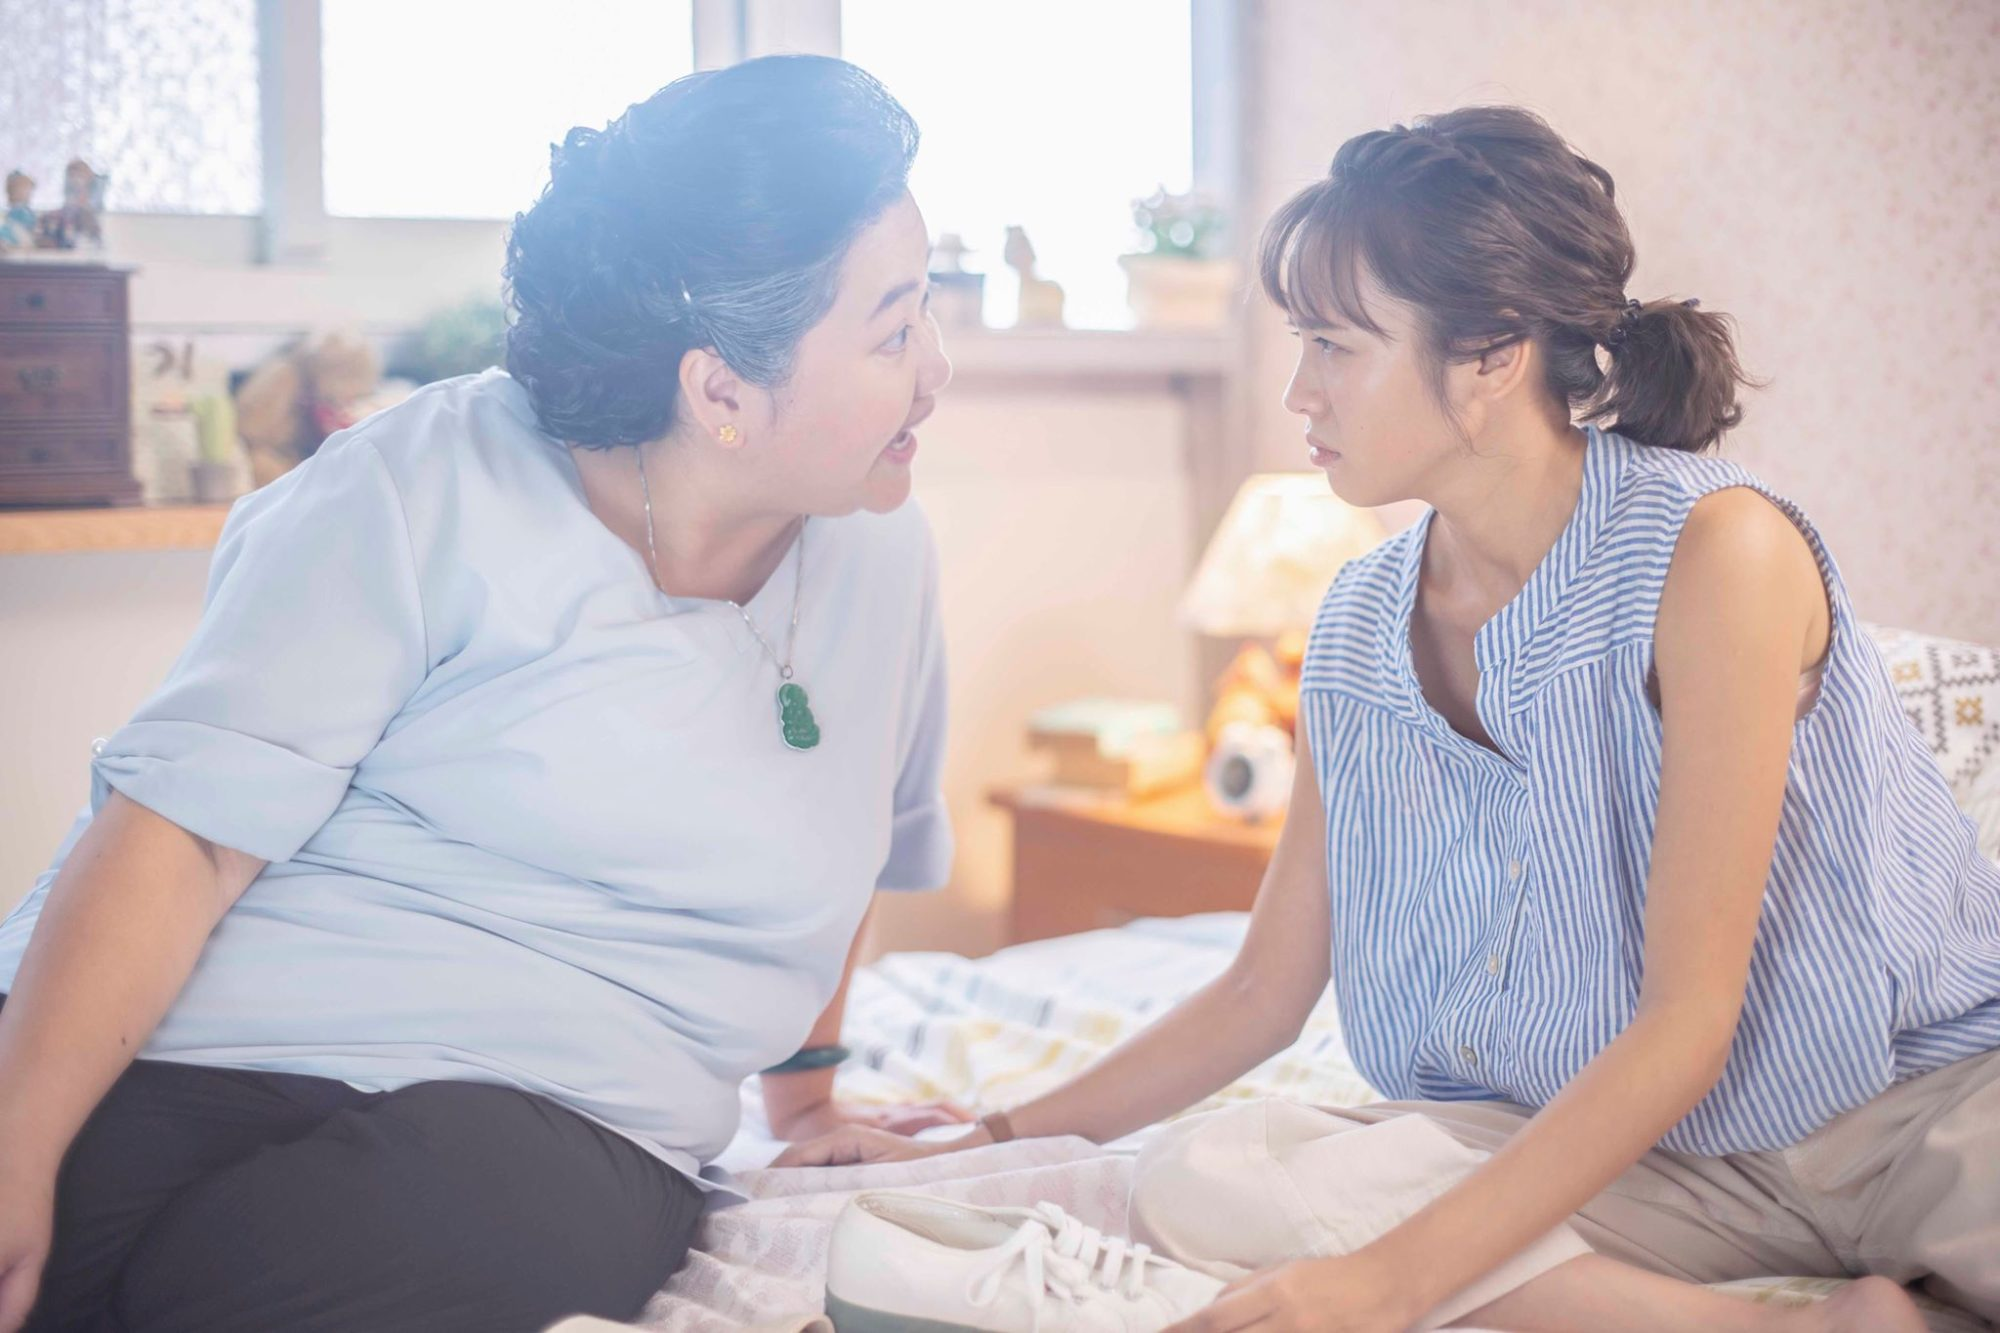 初二「想回娘家被拒」 婆婆嗆「要回我娘家」:兒子是外婆帶大的